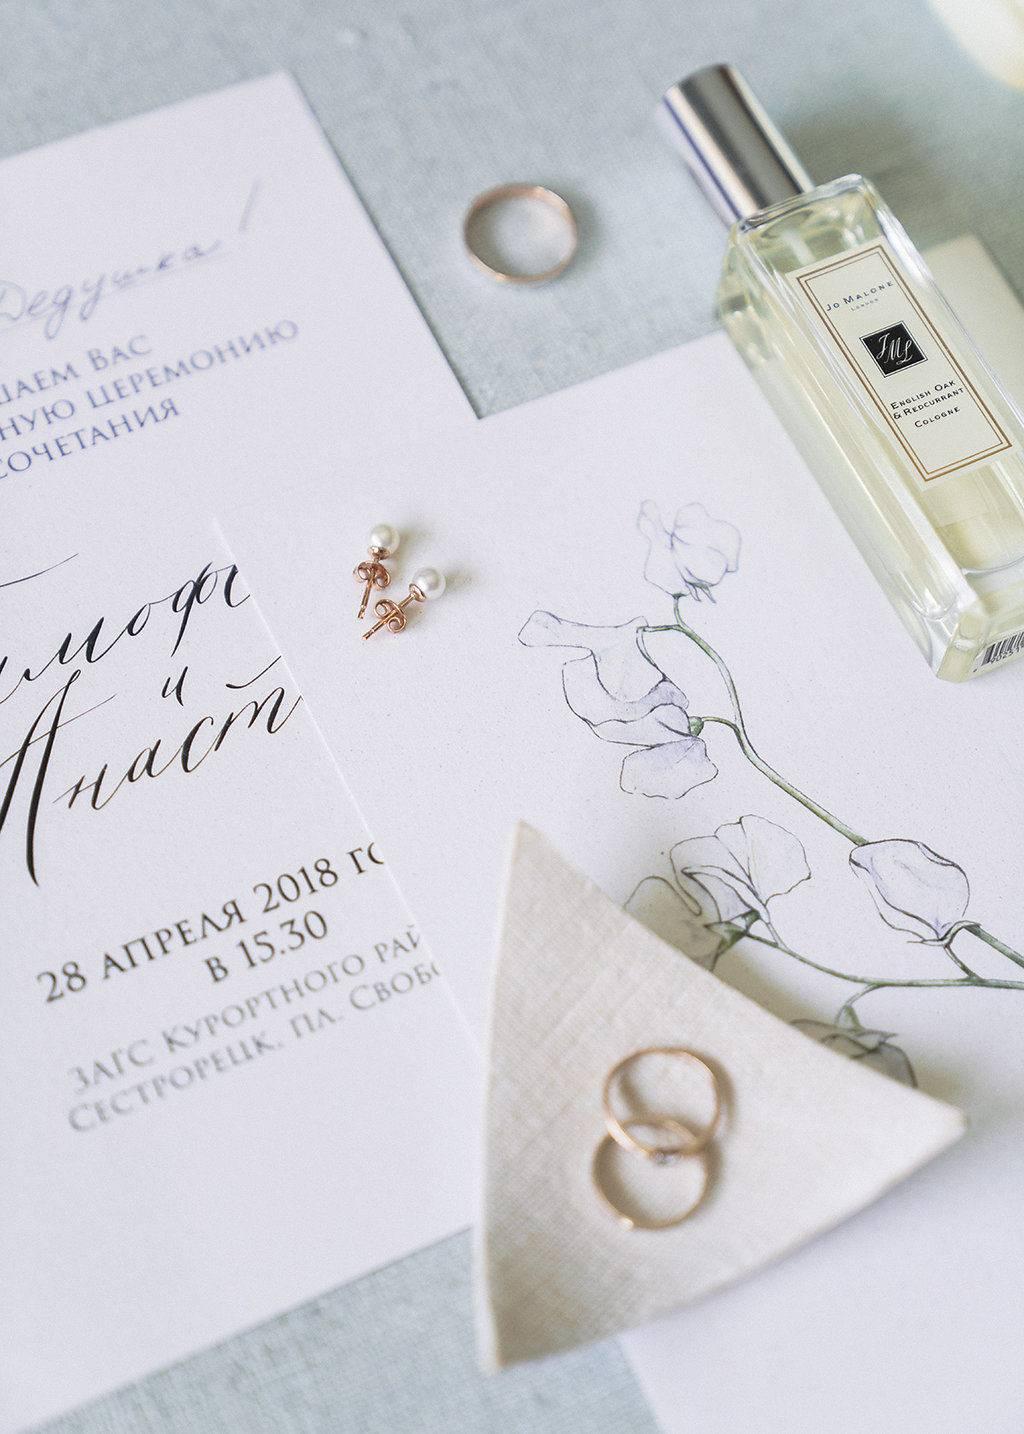 С чего начать готовиться к свадьбе? свадебный чек-лист или план подготовки для молодоженов